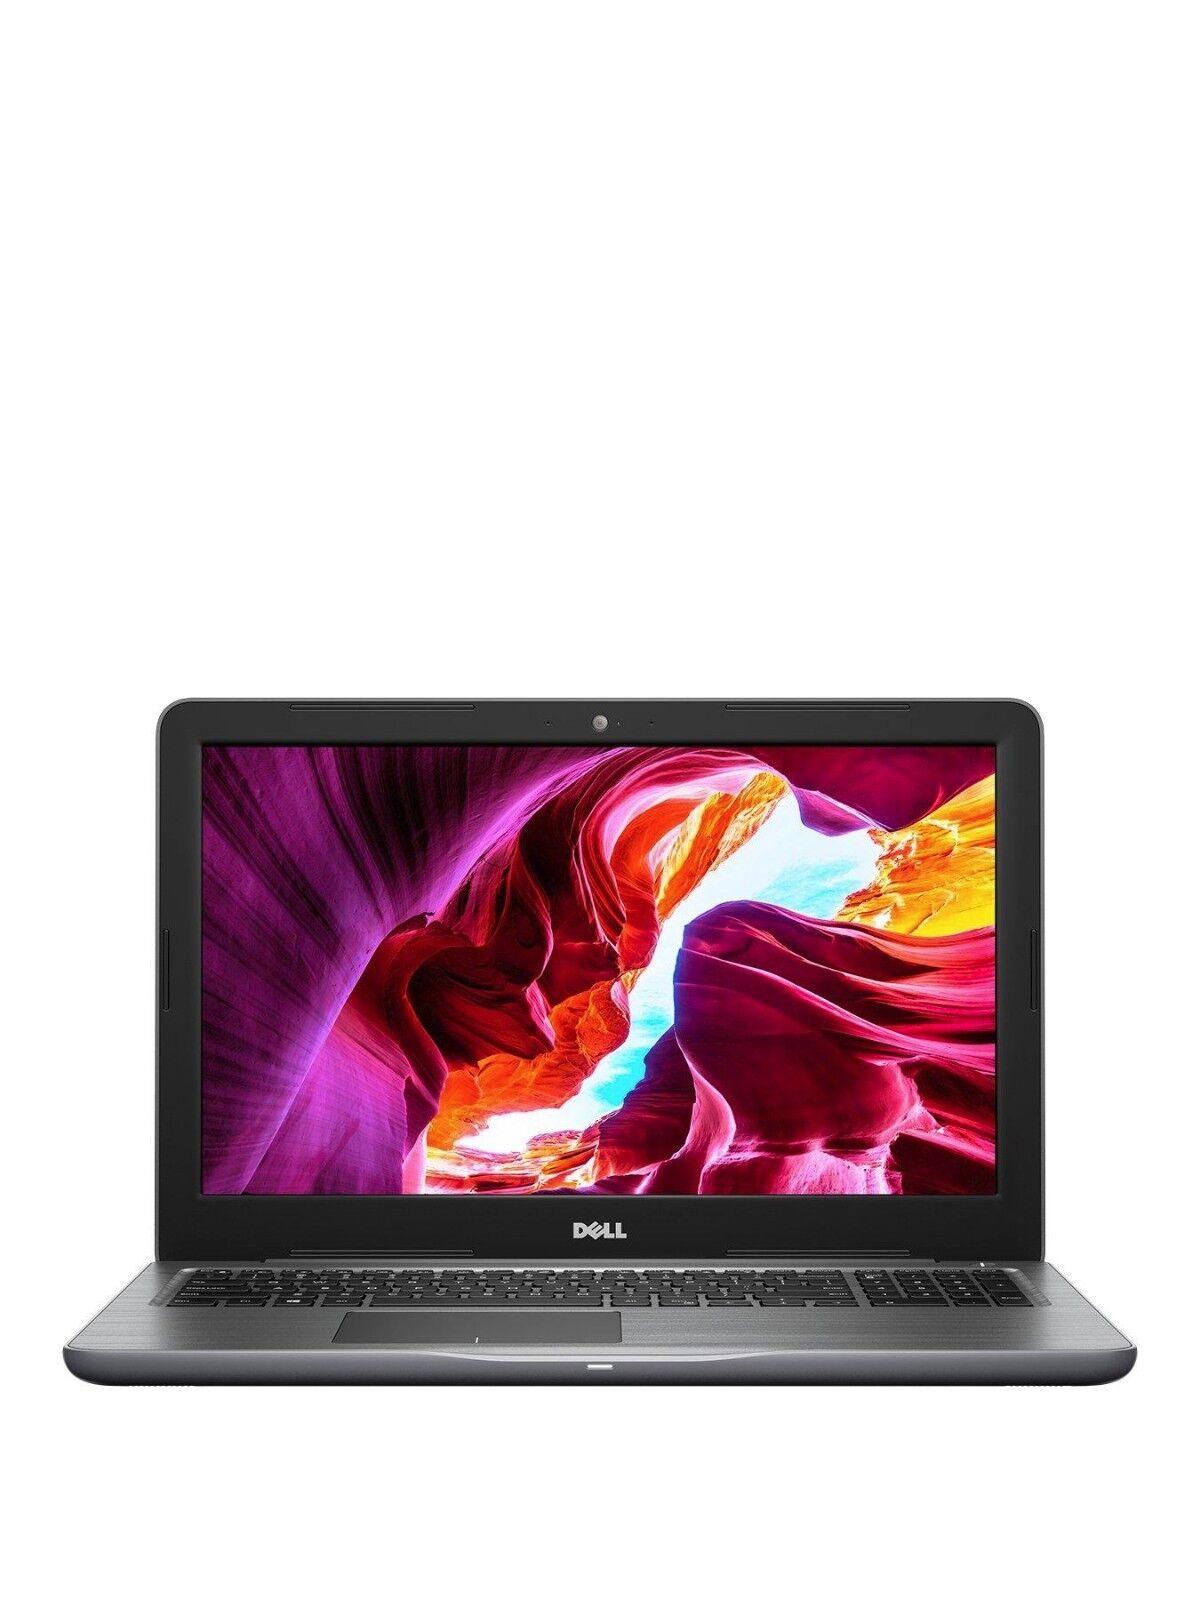 Dell Inspiron 15-5000 15.6 Inch Hd Amd A10 8gb 1tb Laptop - Black